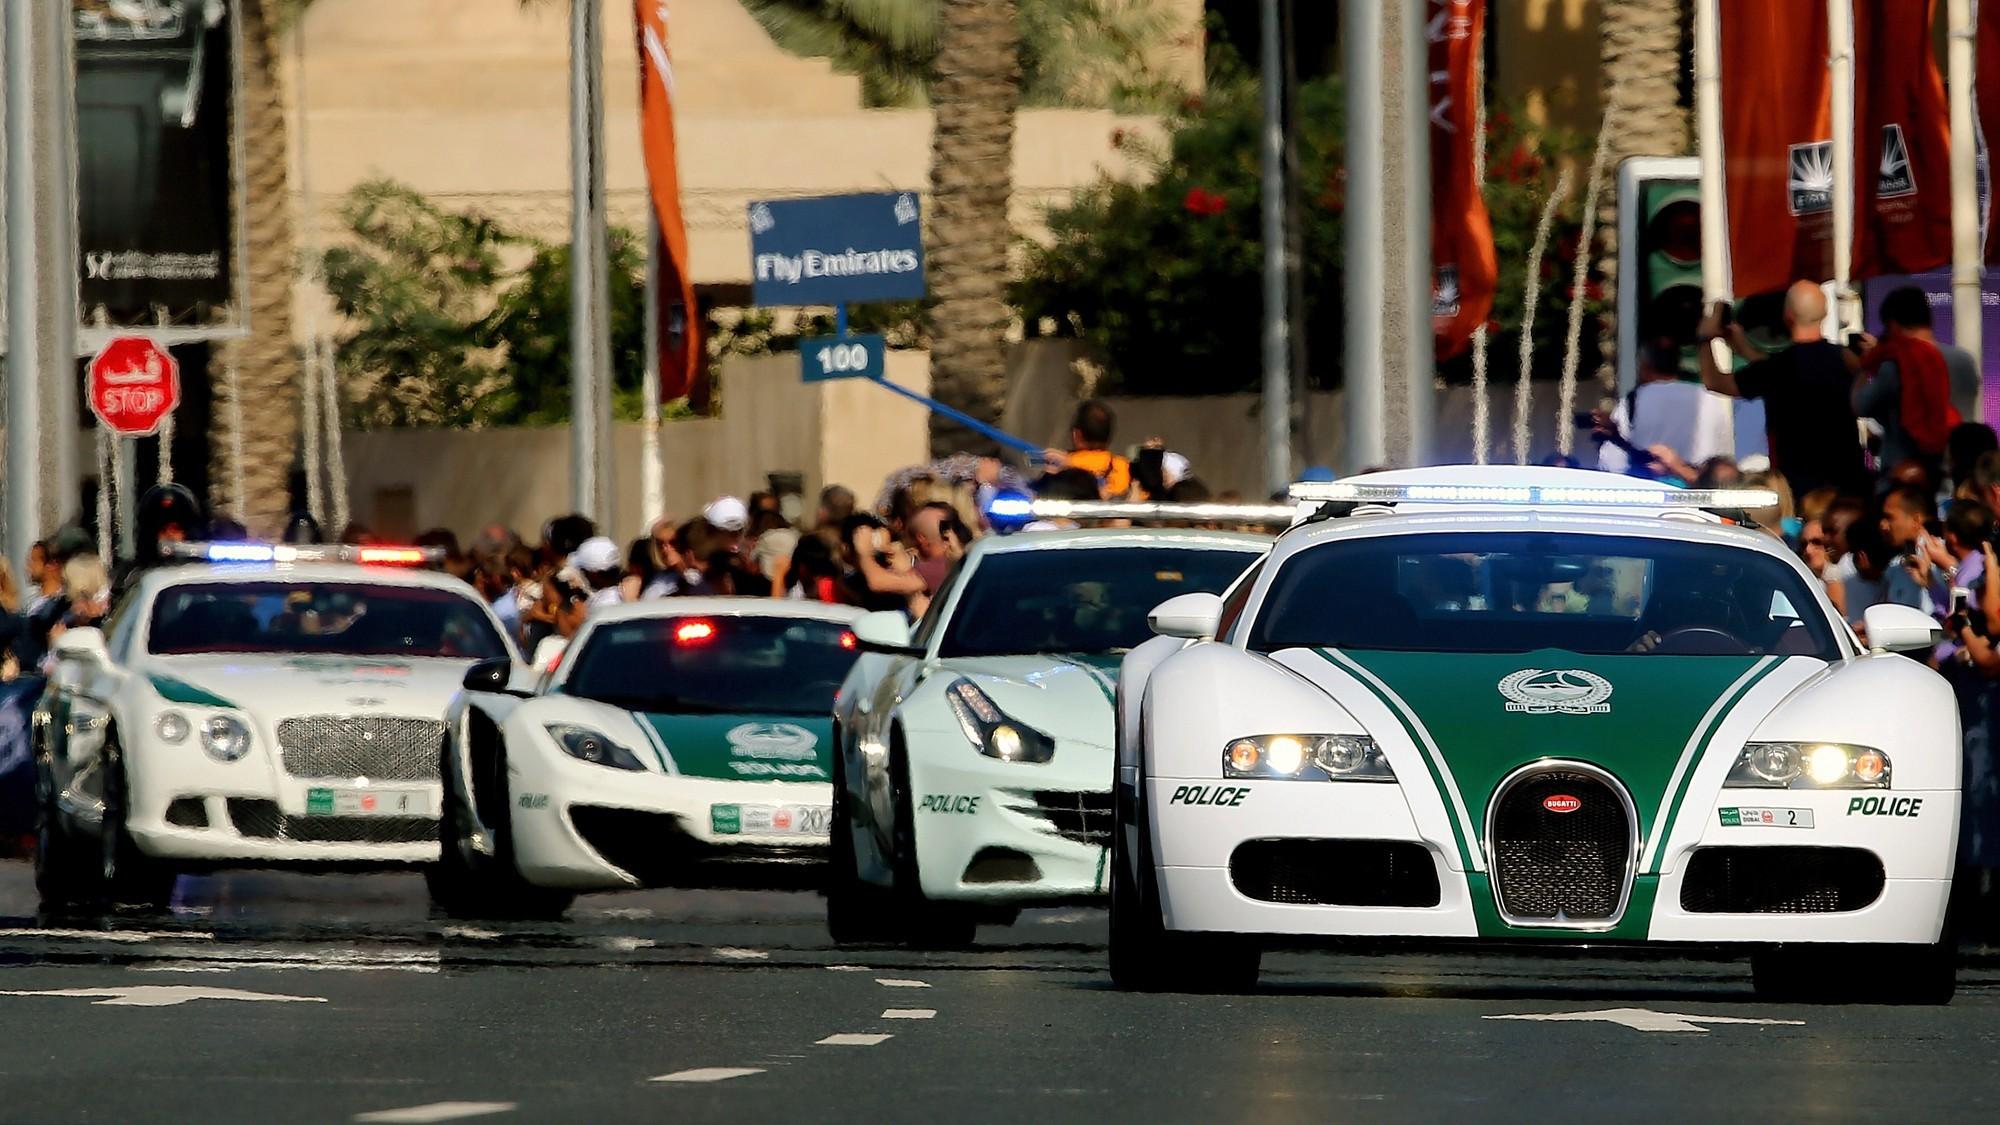 Bugatti Veyron thậm chí được trang bị cho lực lượng chức năng của Dubai và ghi dấu ấn là mẫu xe cảnh sát nhanh nhất thế giới năm 2017